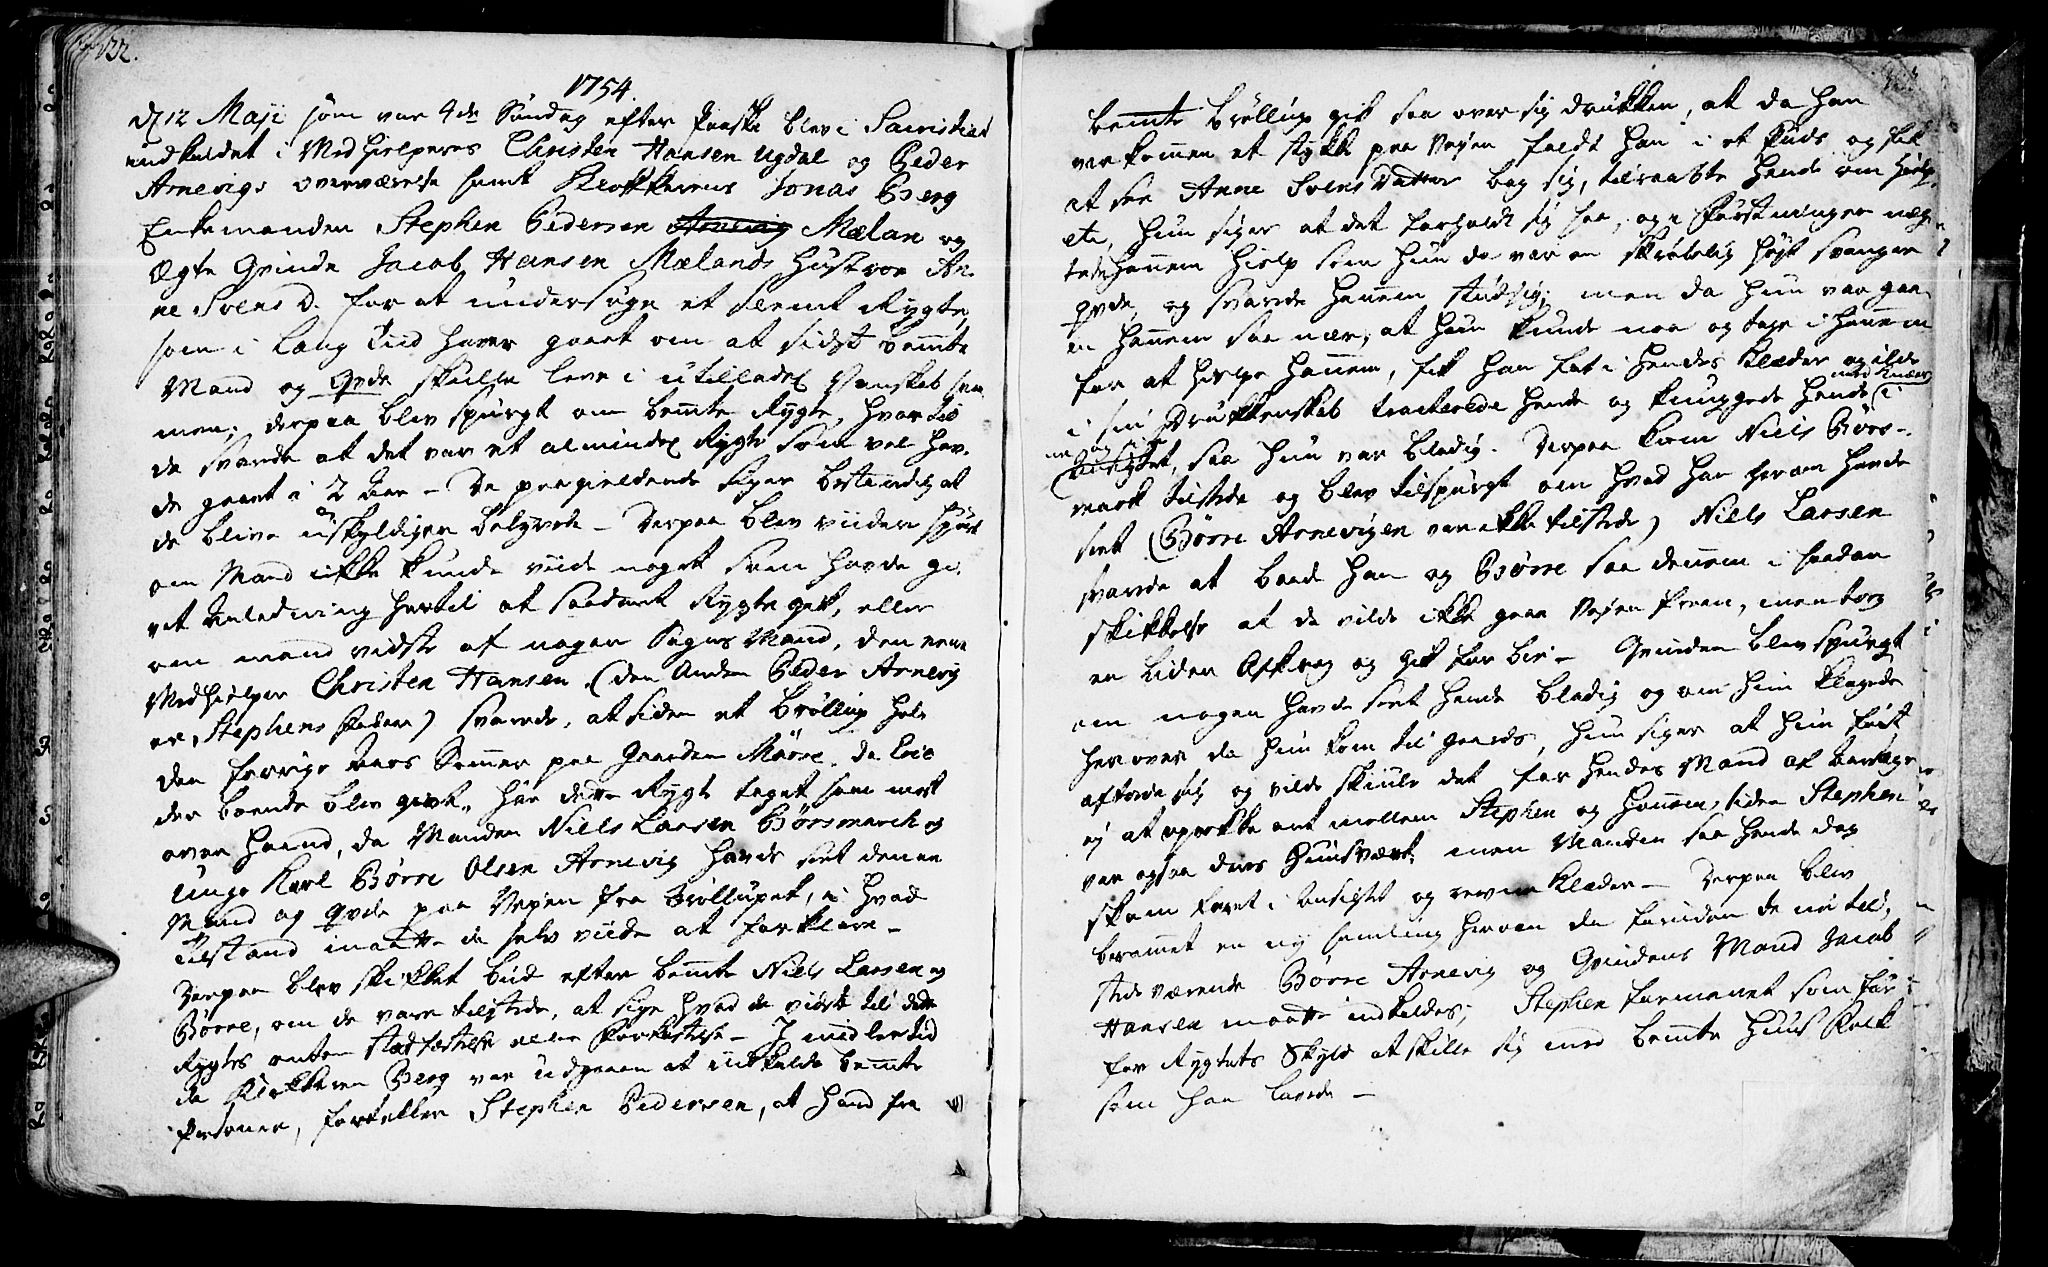 SAT, Ministerialprotokoller, klokkerbøker og fødselsregistre - Sør-Trøndelag, 655/L0672: Ministerialbok nr. 655A01, 1750-1779, s. 322-323